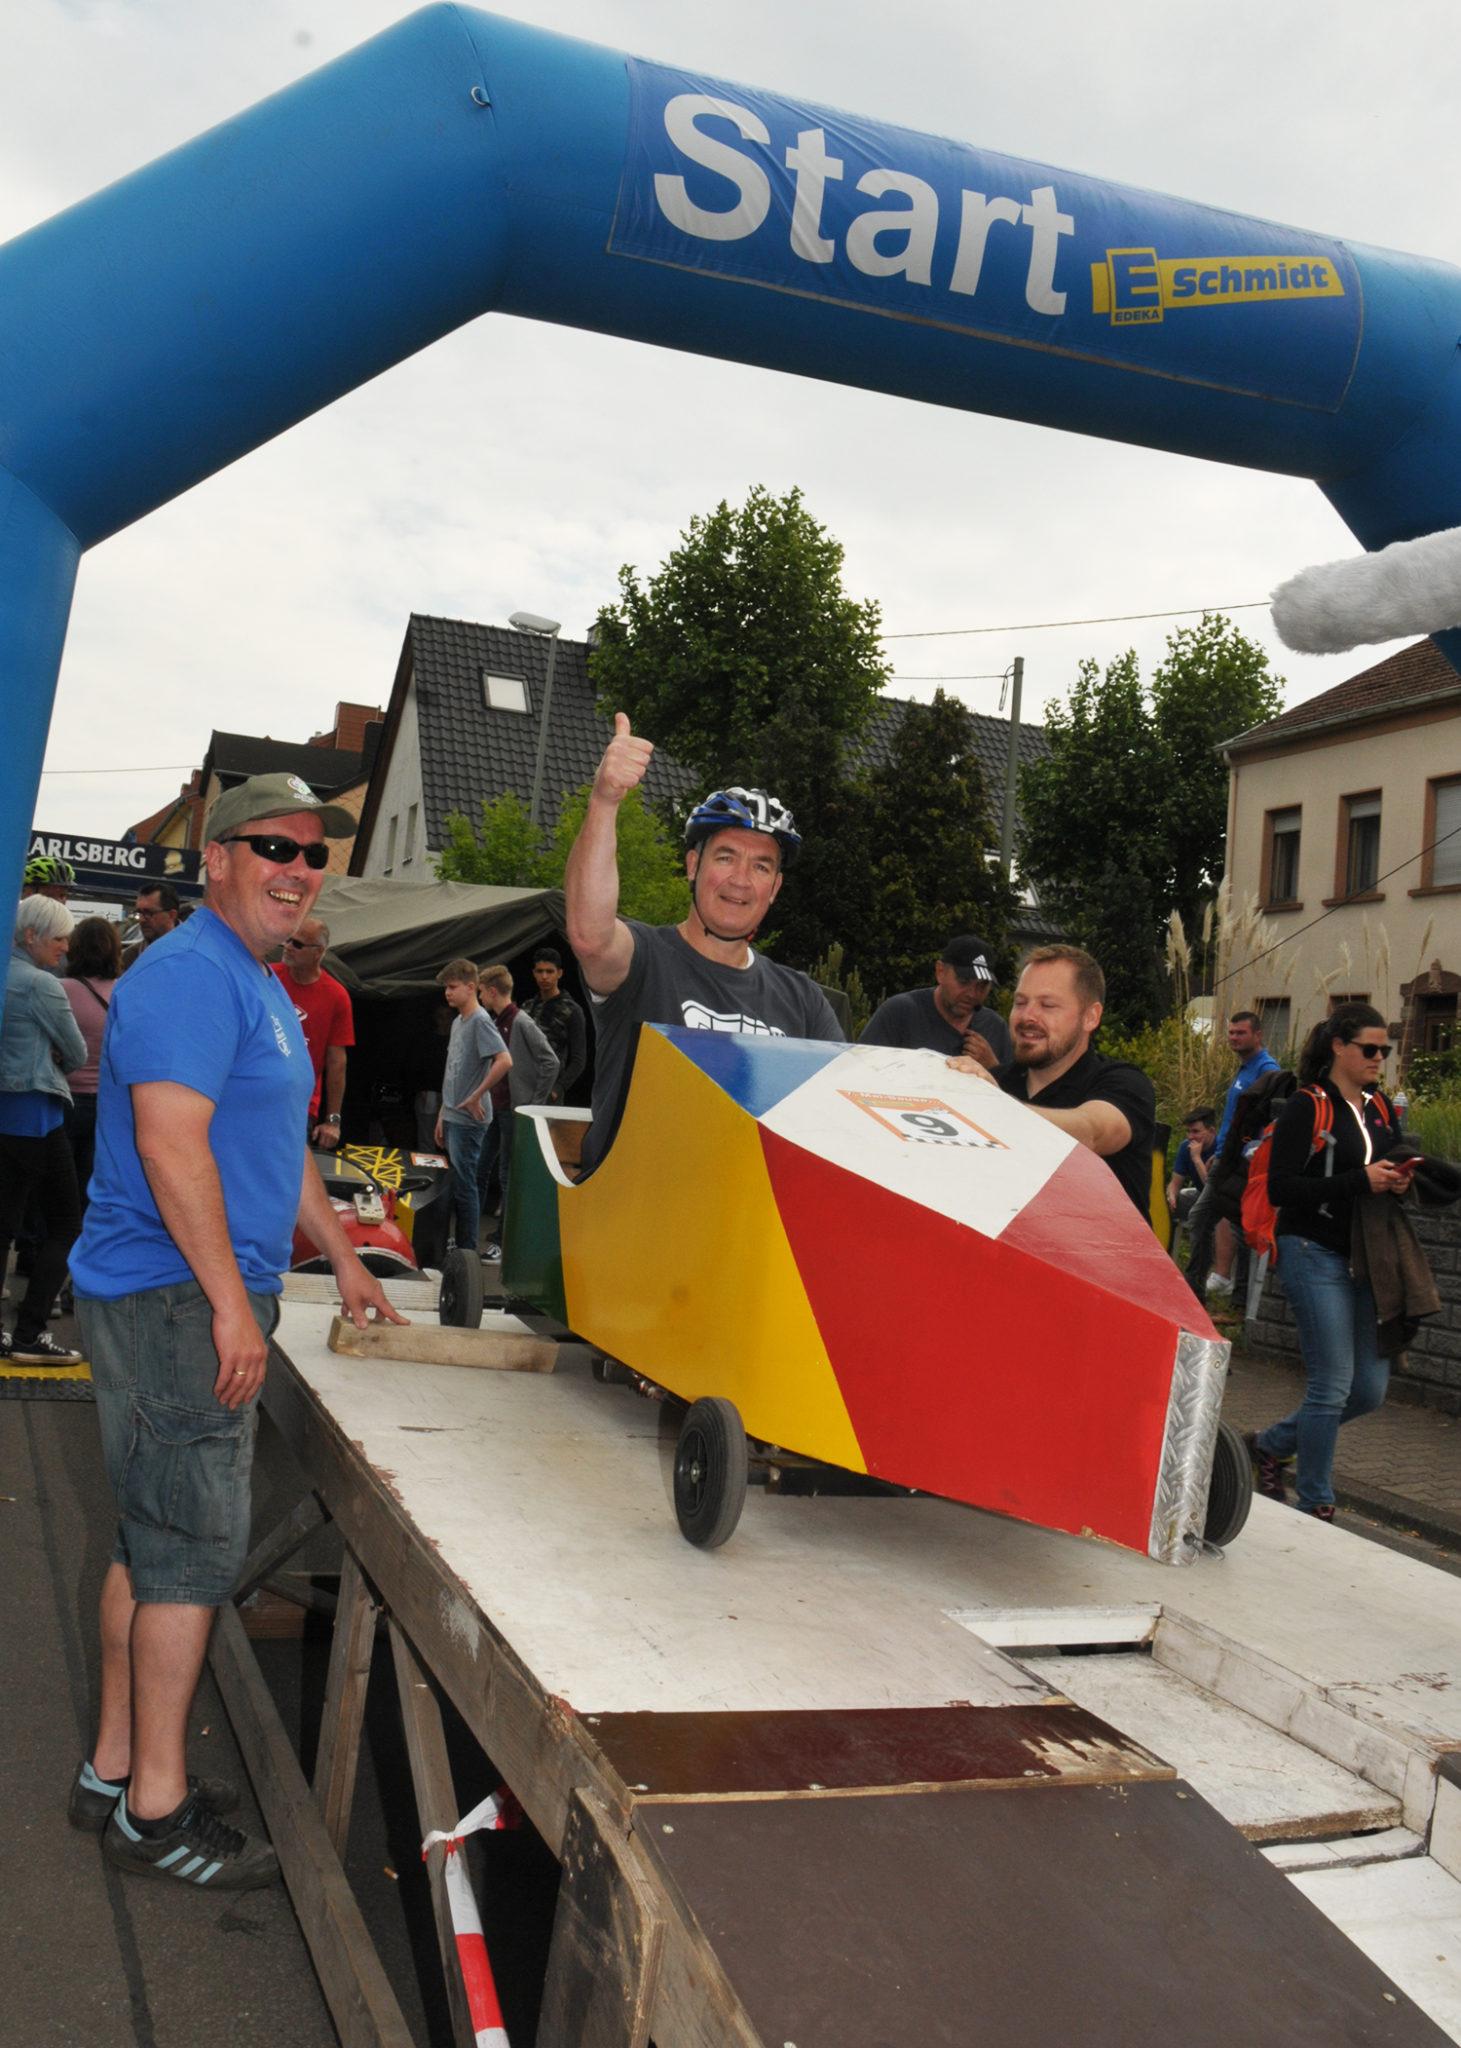 zu sehen ist Bürgermeister Stefan Louis in der Seifenkiste des Partnerschaftsvereins auf der Startrampe, kurz vor dem Start des Prominentenrennens an der Bouser Maisause